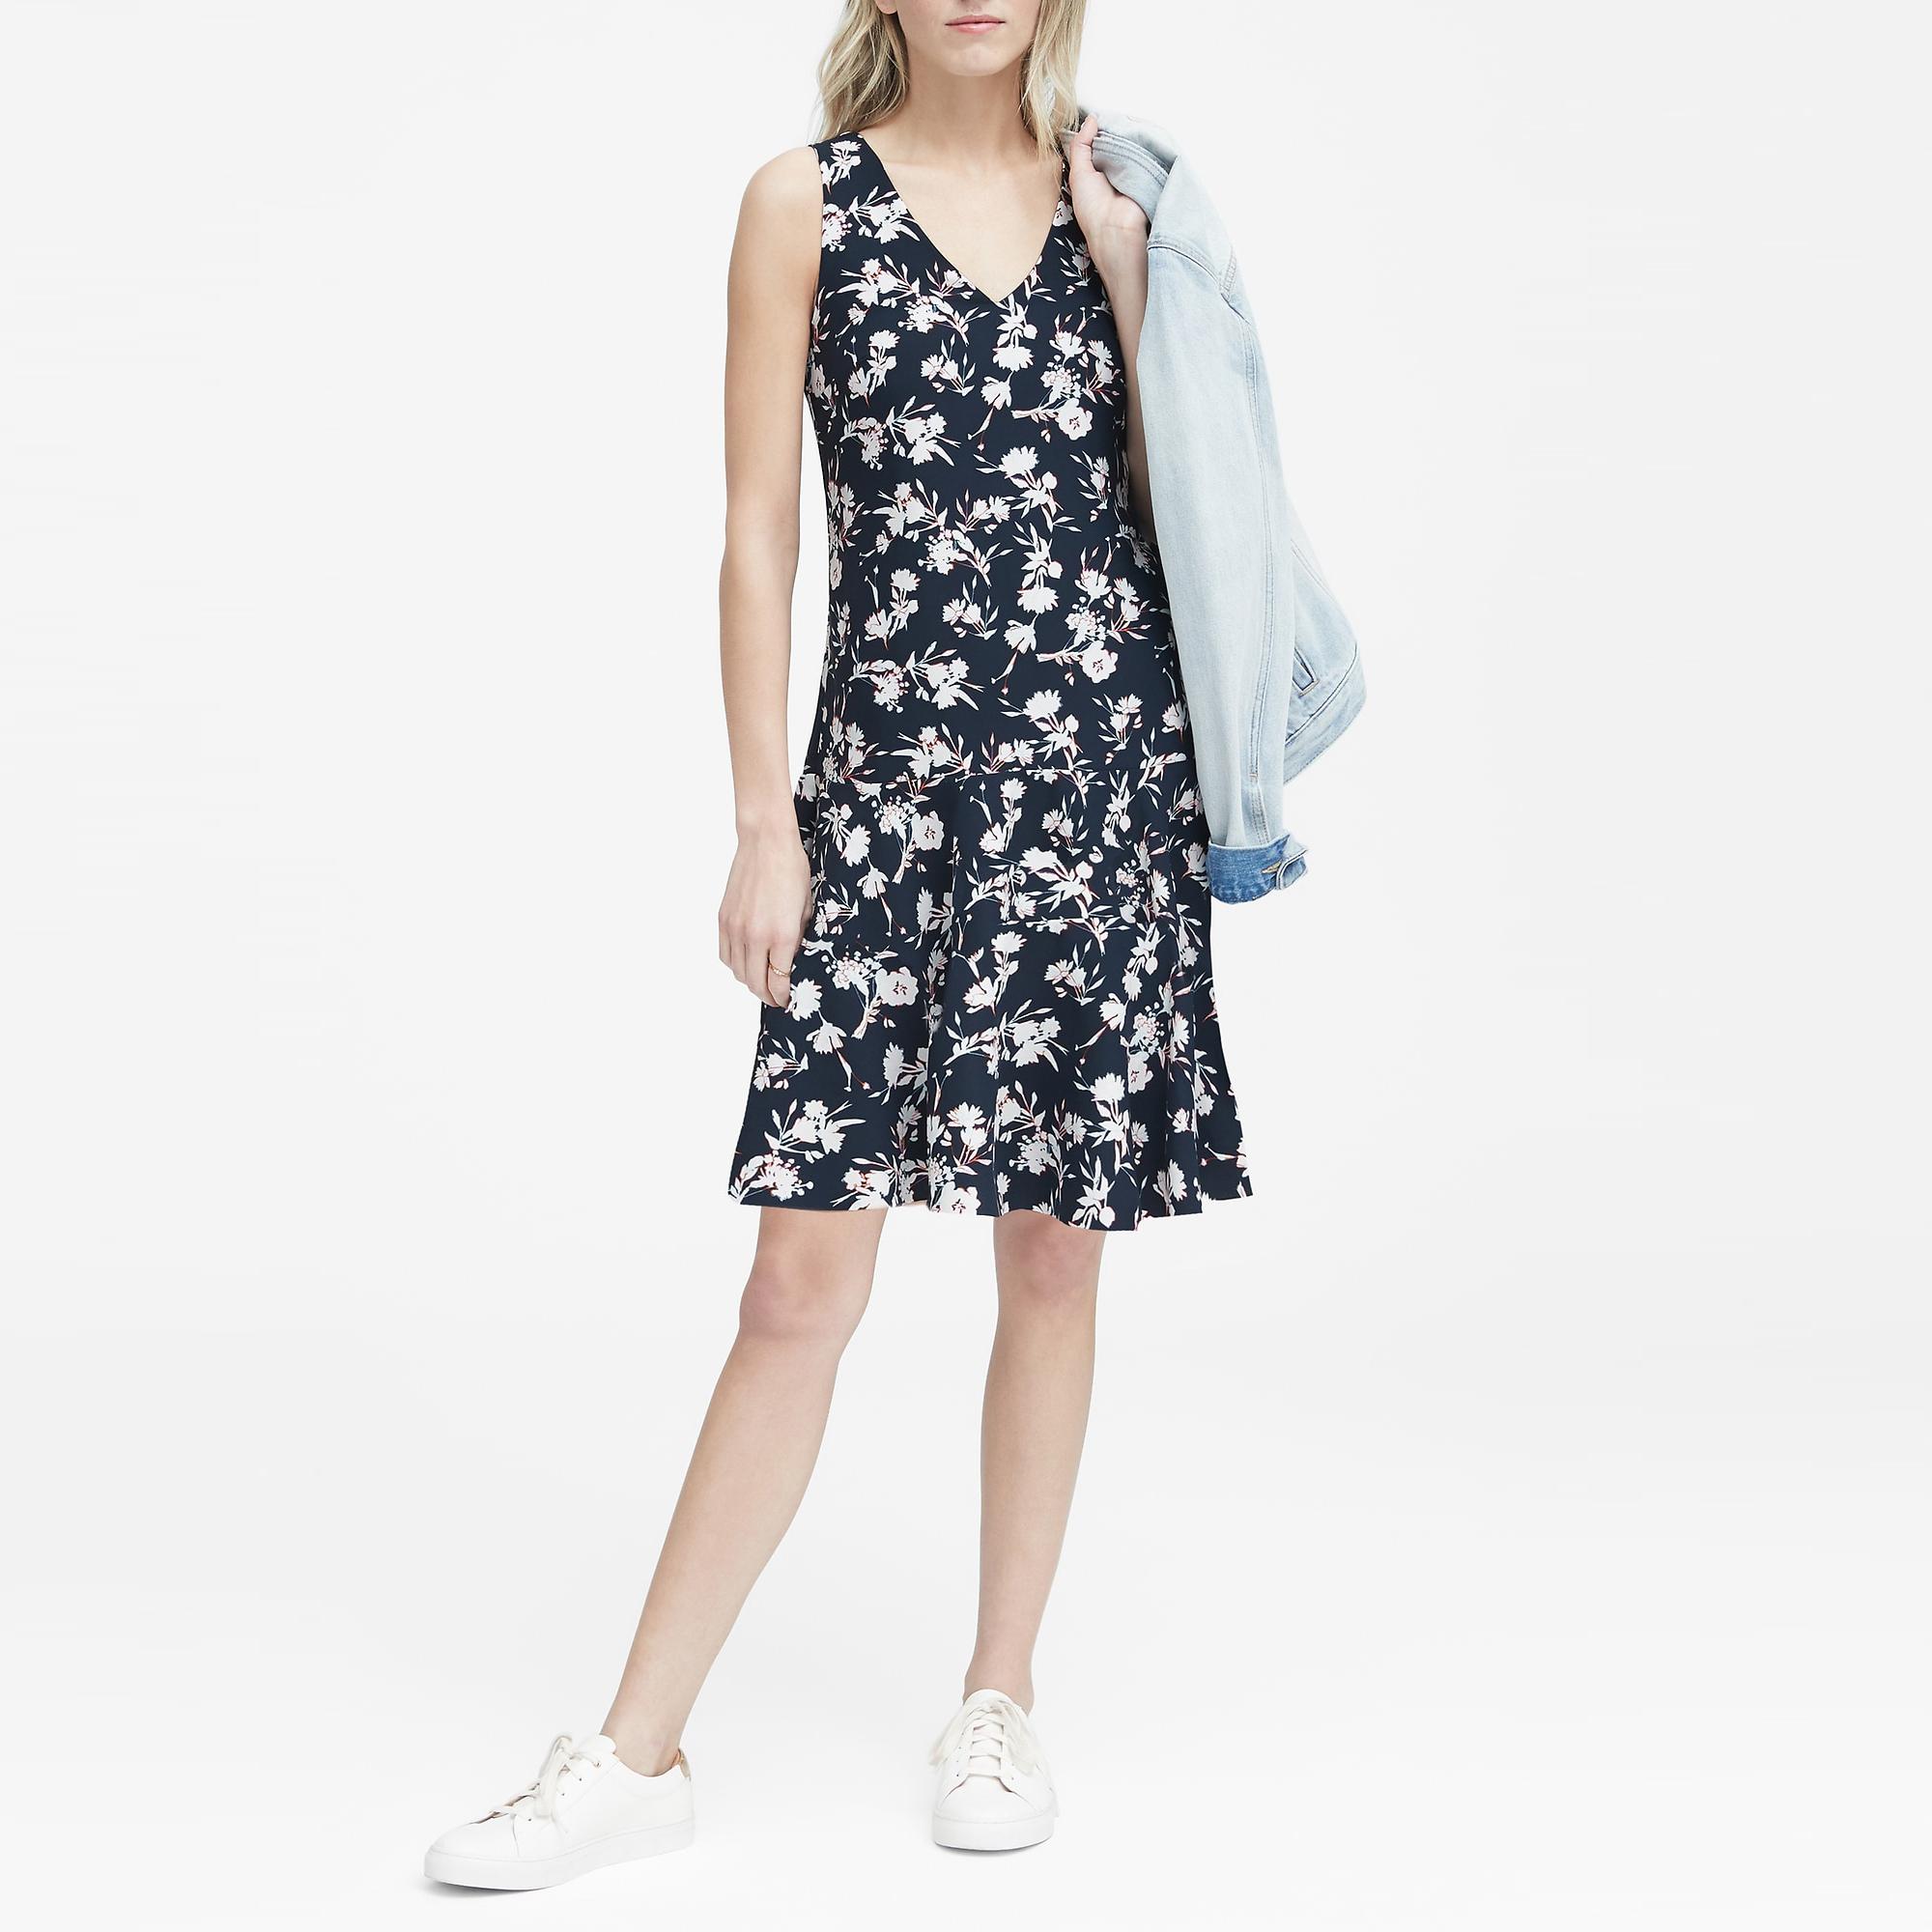 바나나리퍼블릭 여성 플로럴 드롭 웨이스트 시프트 드레스